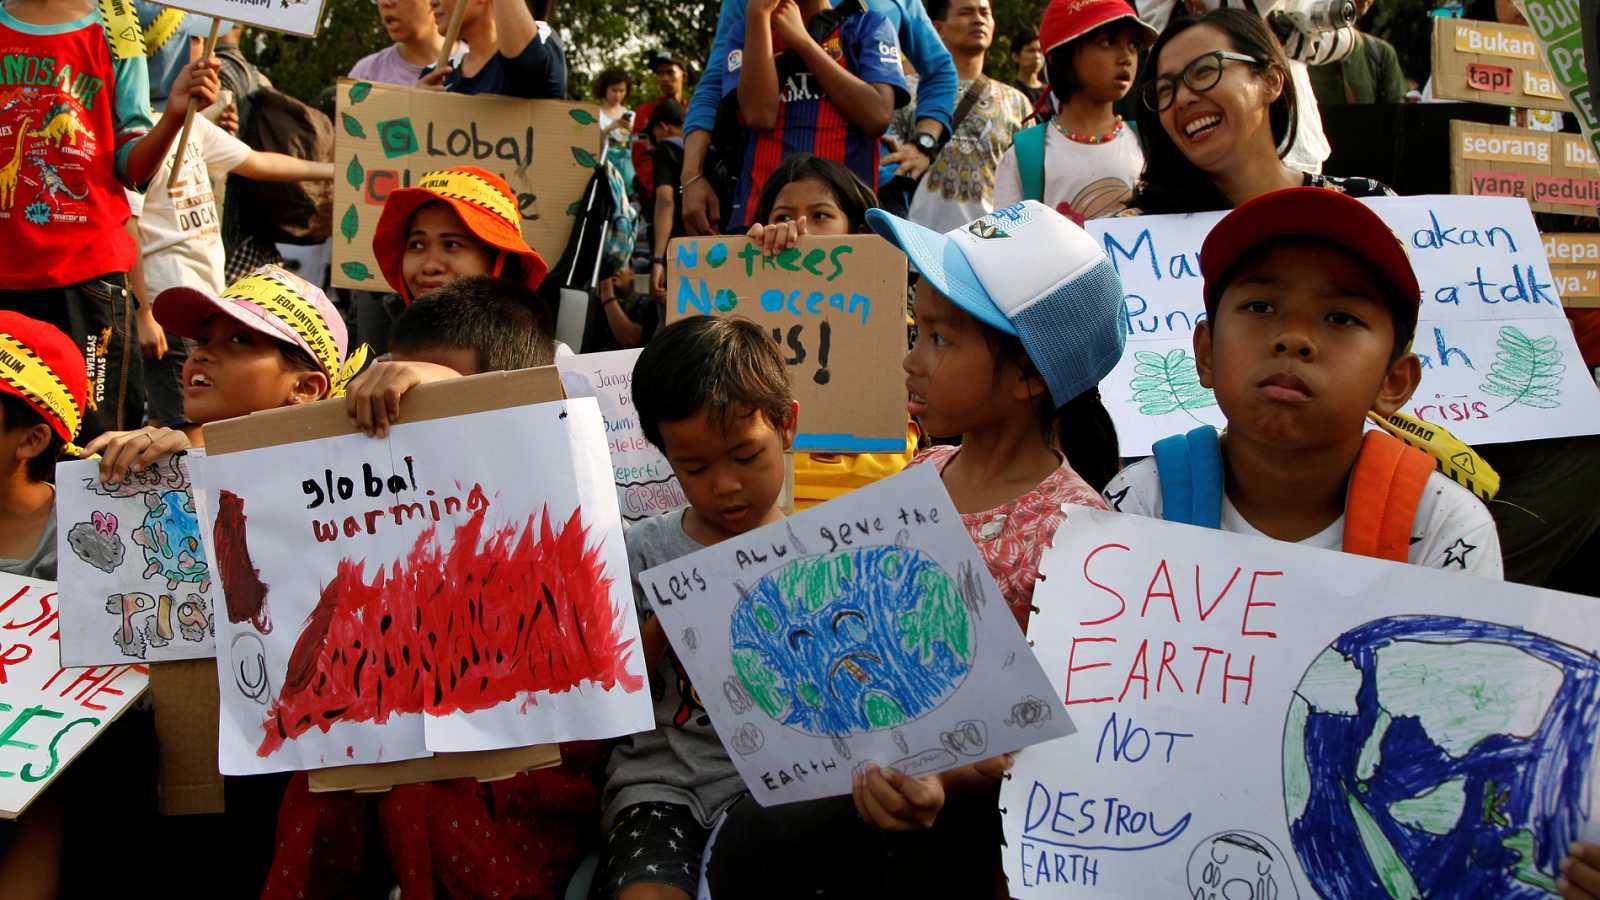 Millones de personas se manifiestan en todo el planeta para reclamar medidas contra el cambio climático